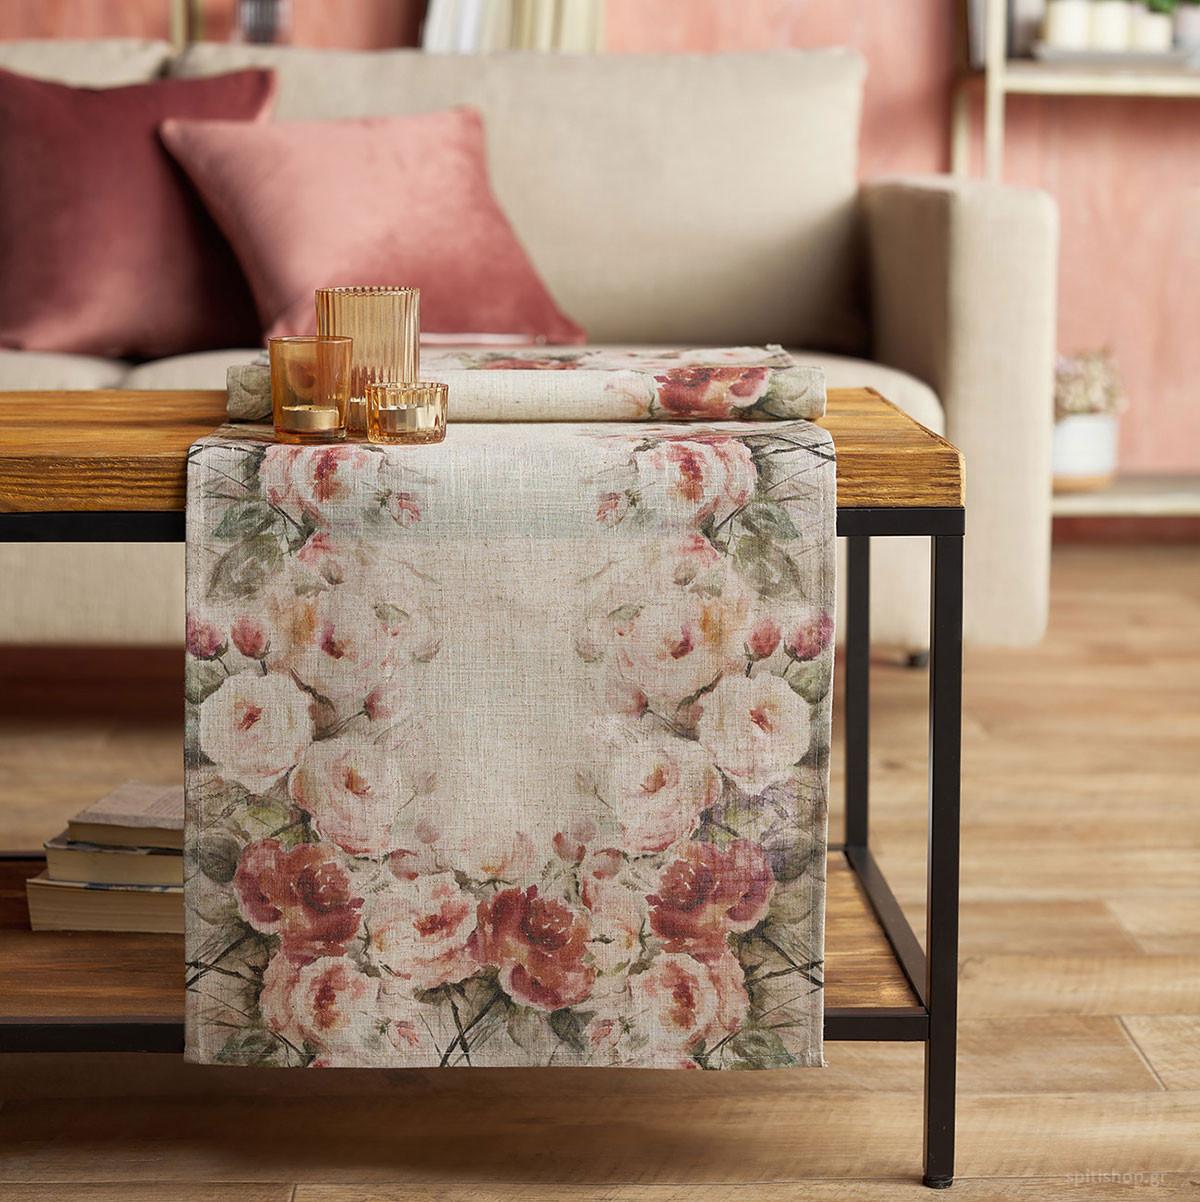 Τραβέρσα (45x150) Gofis Home Country Bloom 105 home   κουζίνα   τραπεζαρία   τραβέρσες